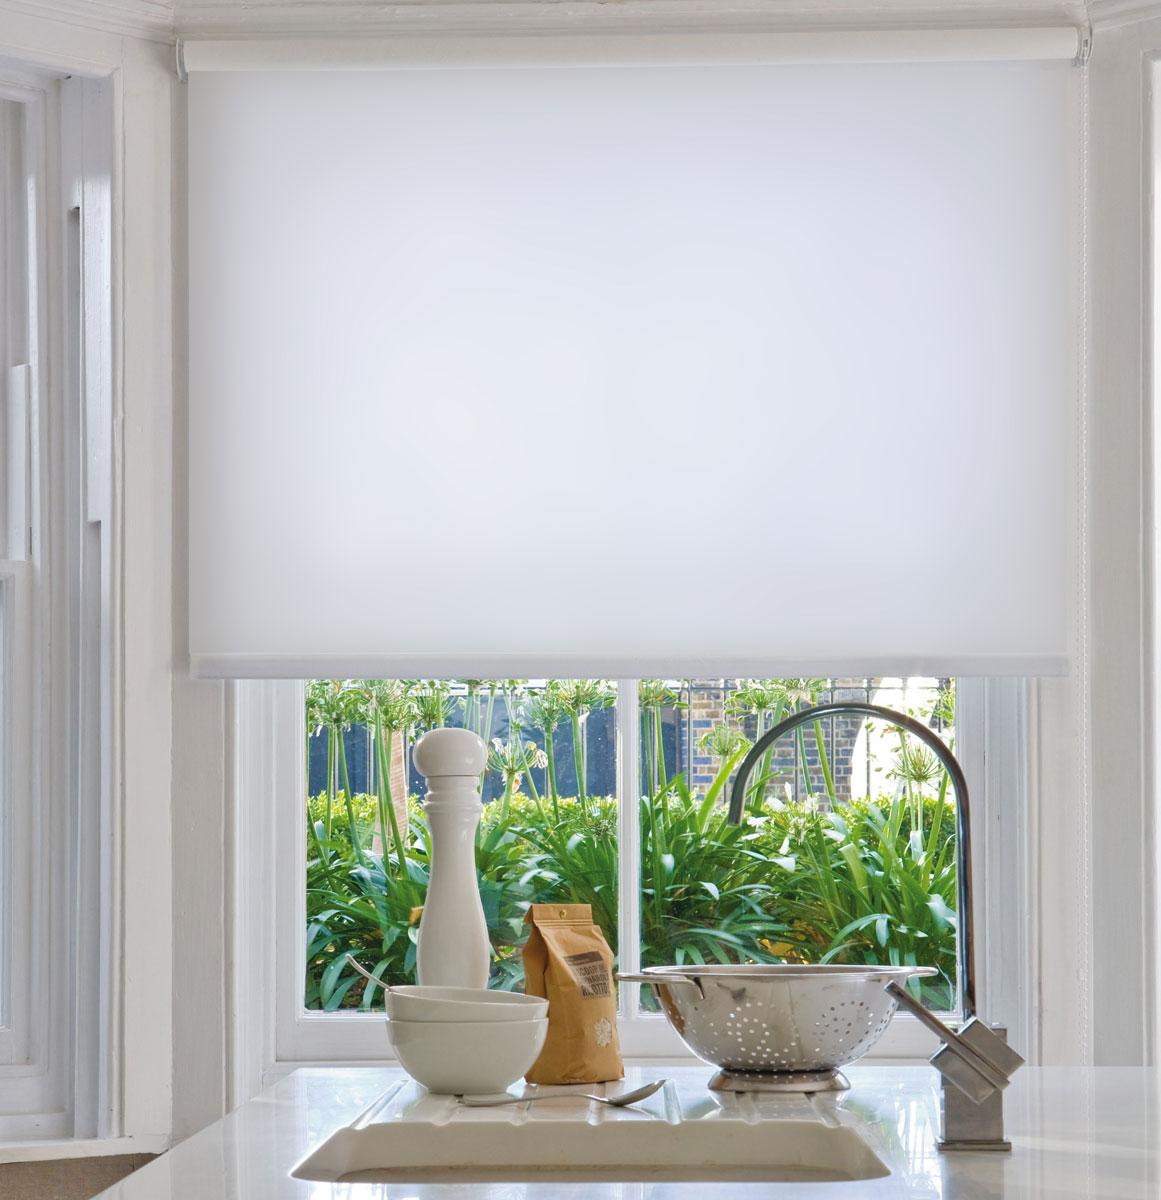 Миниролло KauffOrt 52х170 см, светонепроницаемая, цвет: белый94052007Рулонная штора Миниролло выполнена из высокопрочной полностью светонепроницаемой ткани белого цвета, которая сохраняет свой размер даже при намокании. Ткань не выцветает и обладает отличной цветоустойчивостью. Миниролло - это подвид рулонных штор, который закрывает не весь оконный проем, а непосредственно само стекло. Такие шторы крепятся на раму без сверления при помощи зажимов или клейкой двухсторонней ленты. Окно остаётся на гарантии, благодаря монтажу без сверления. Такая штора станет прекрасным элементом декора окна и гармонично впишется в интерьер любого помещения.